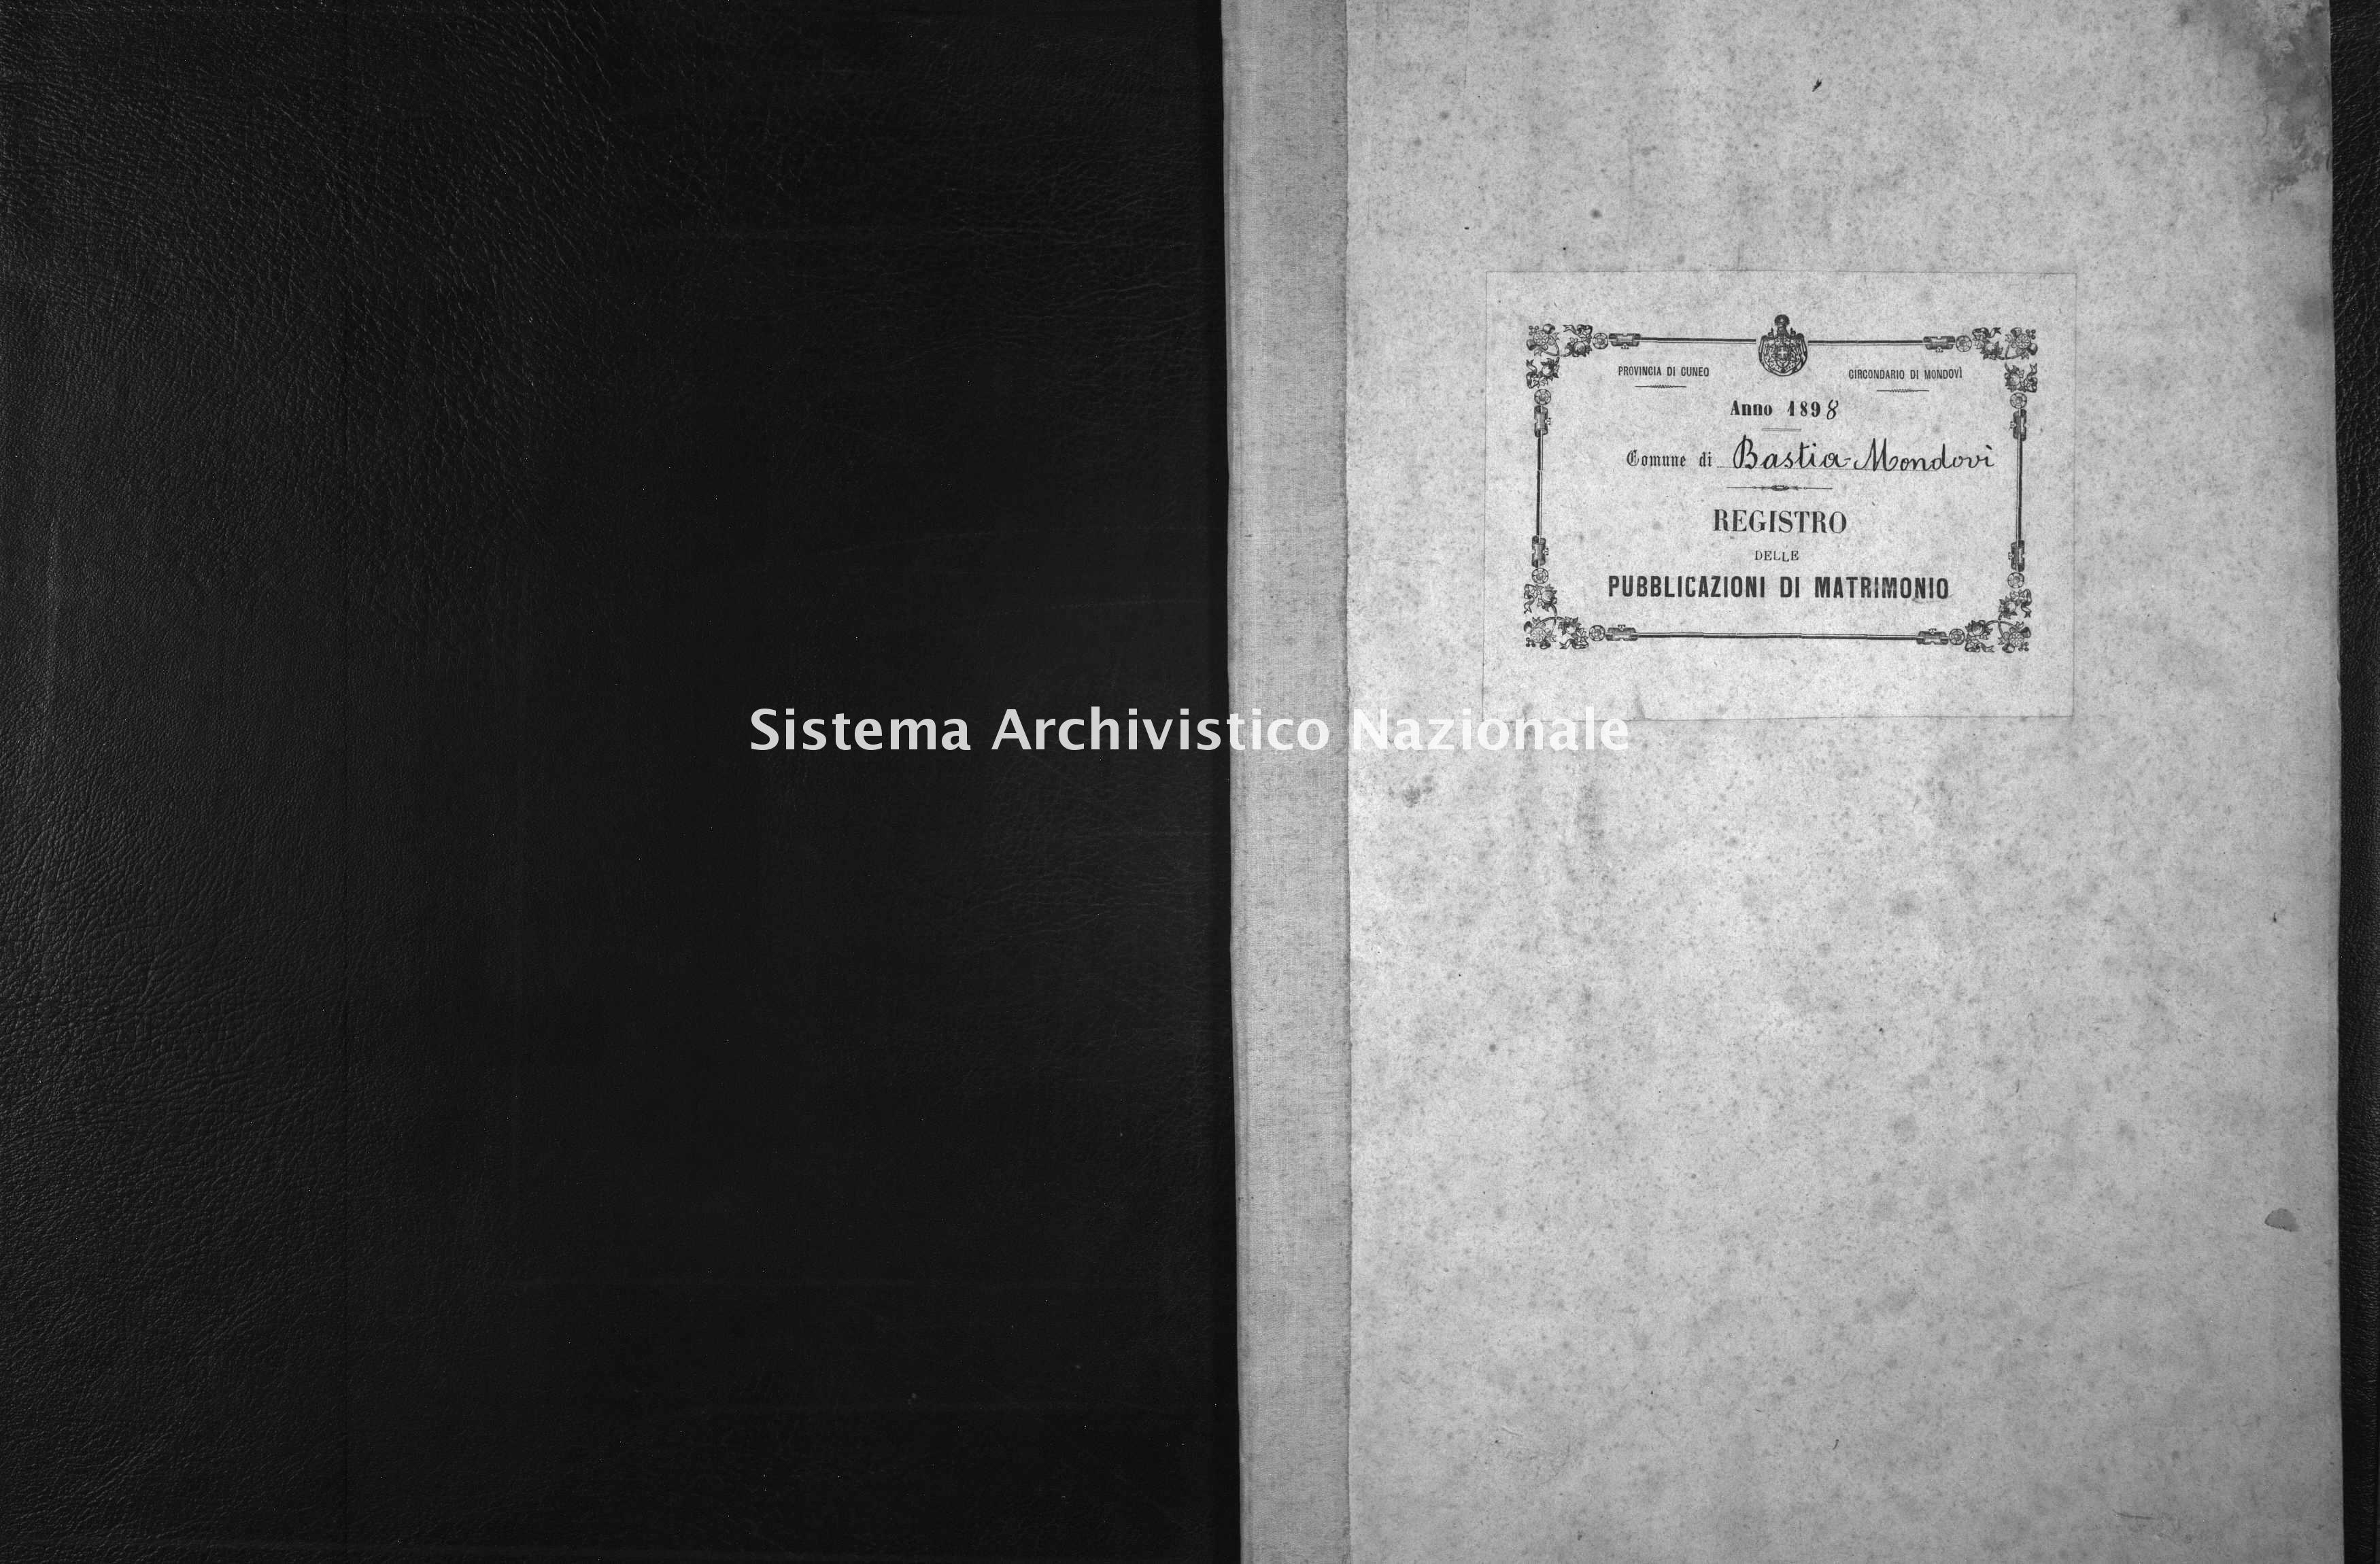 Archivio di stato di Cuneo - Stato civile italiano - Bastia Mondovì - Matrimoni, pubblicazioni - 1898 -